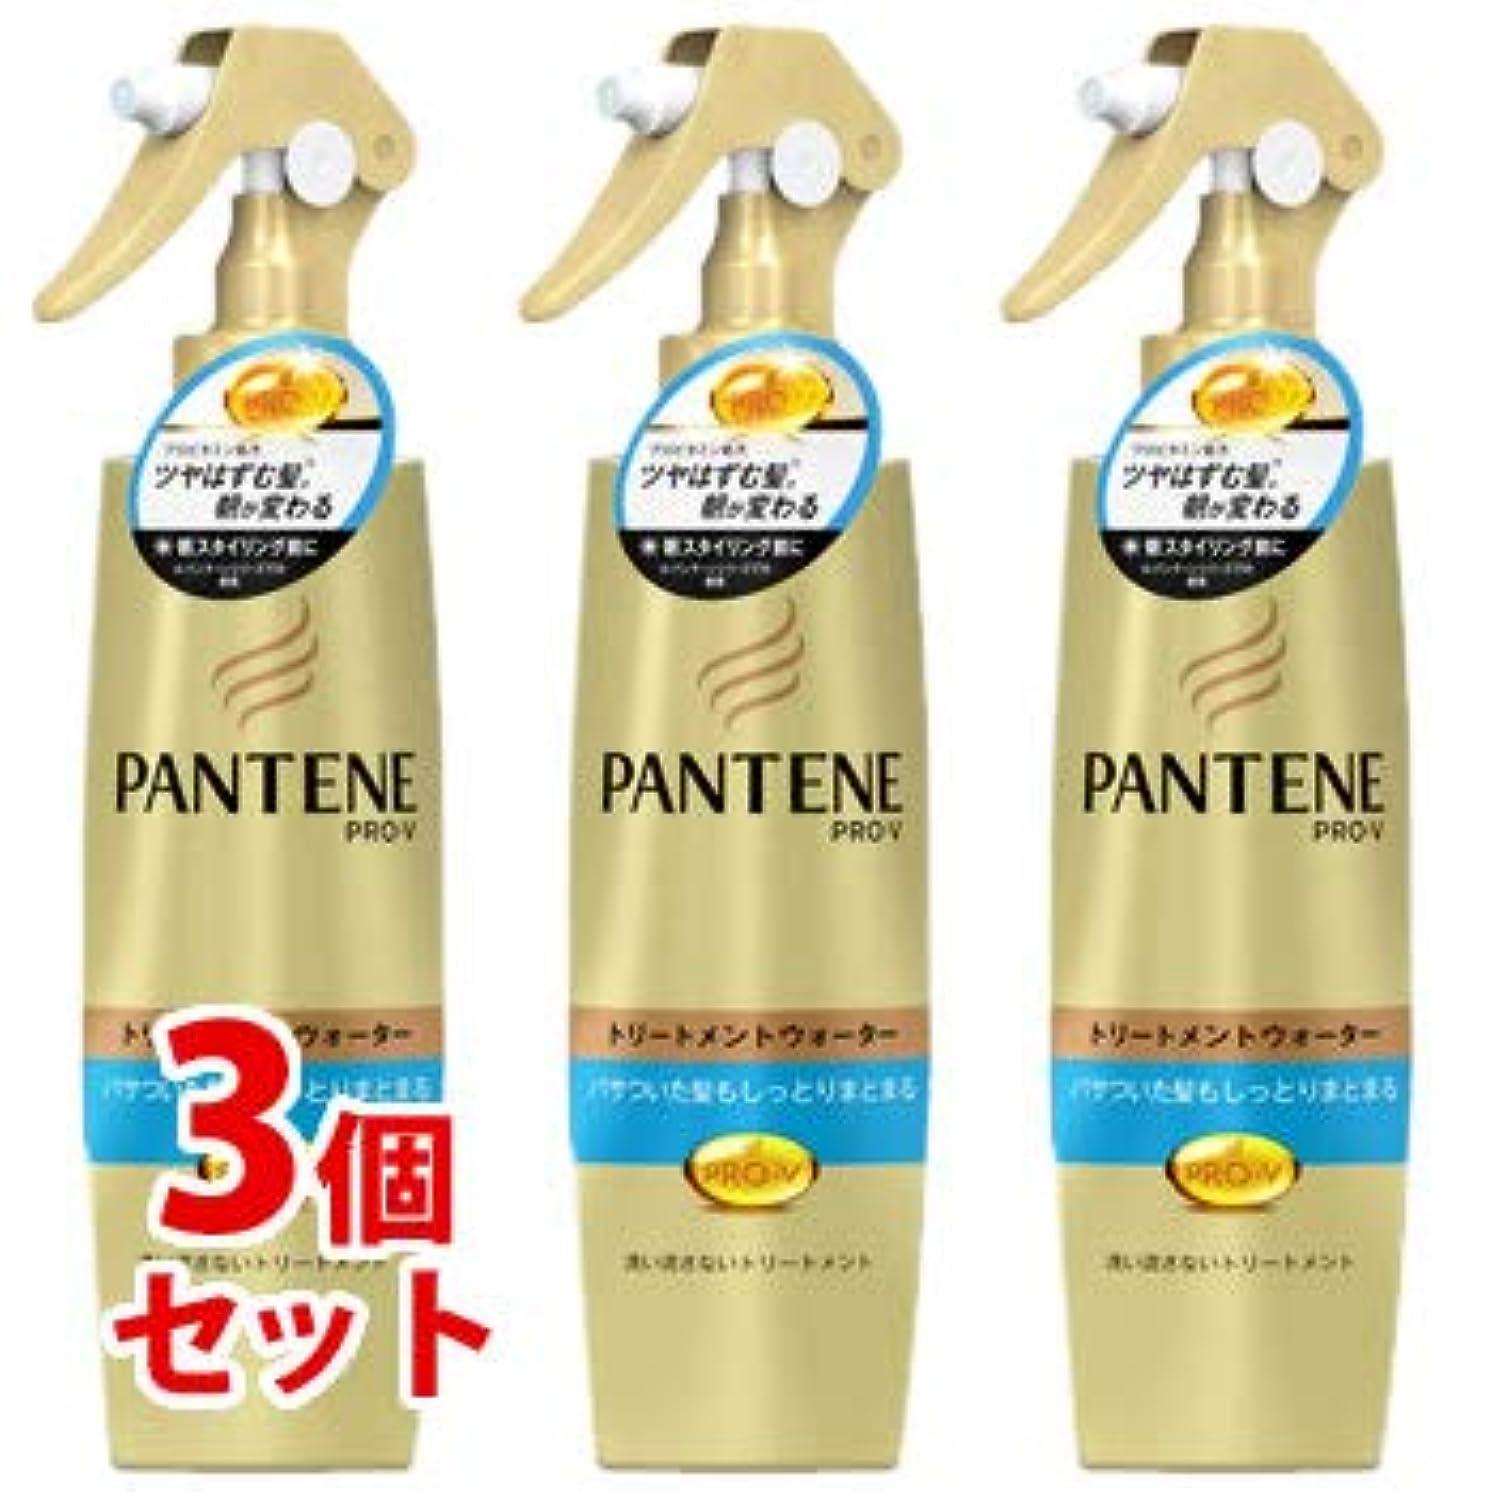 バンガロー野球種《セット販売》 P&G パンテーン PRO-V プロブイ トリートメントウォーター パサついてまとまらない髪用(200mL)×3個セット